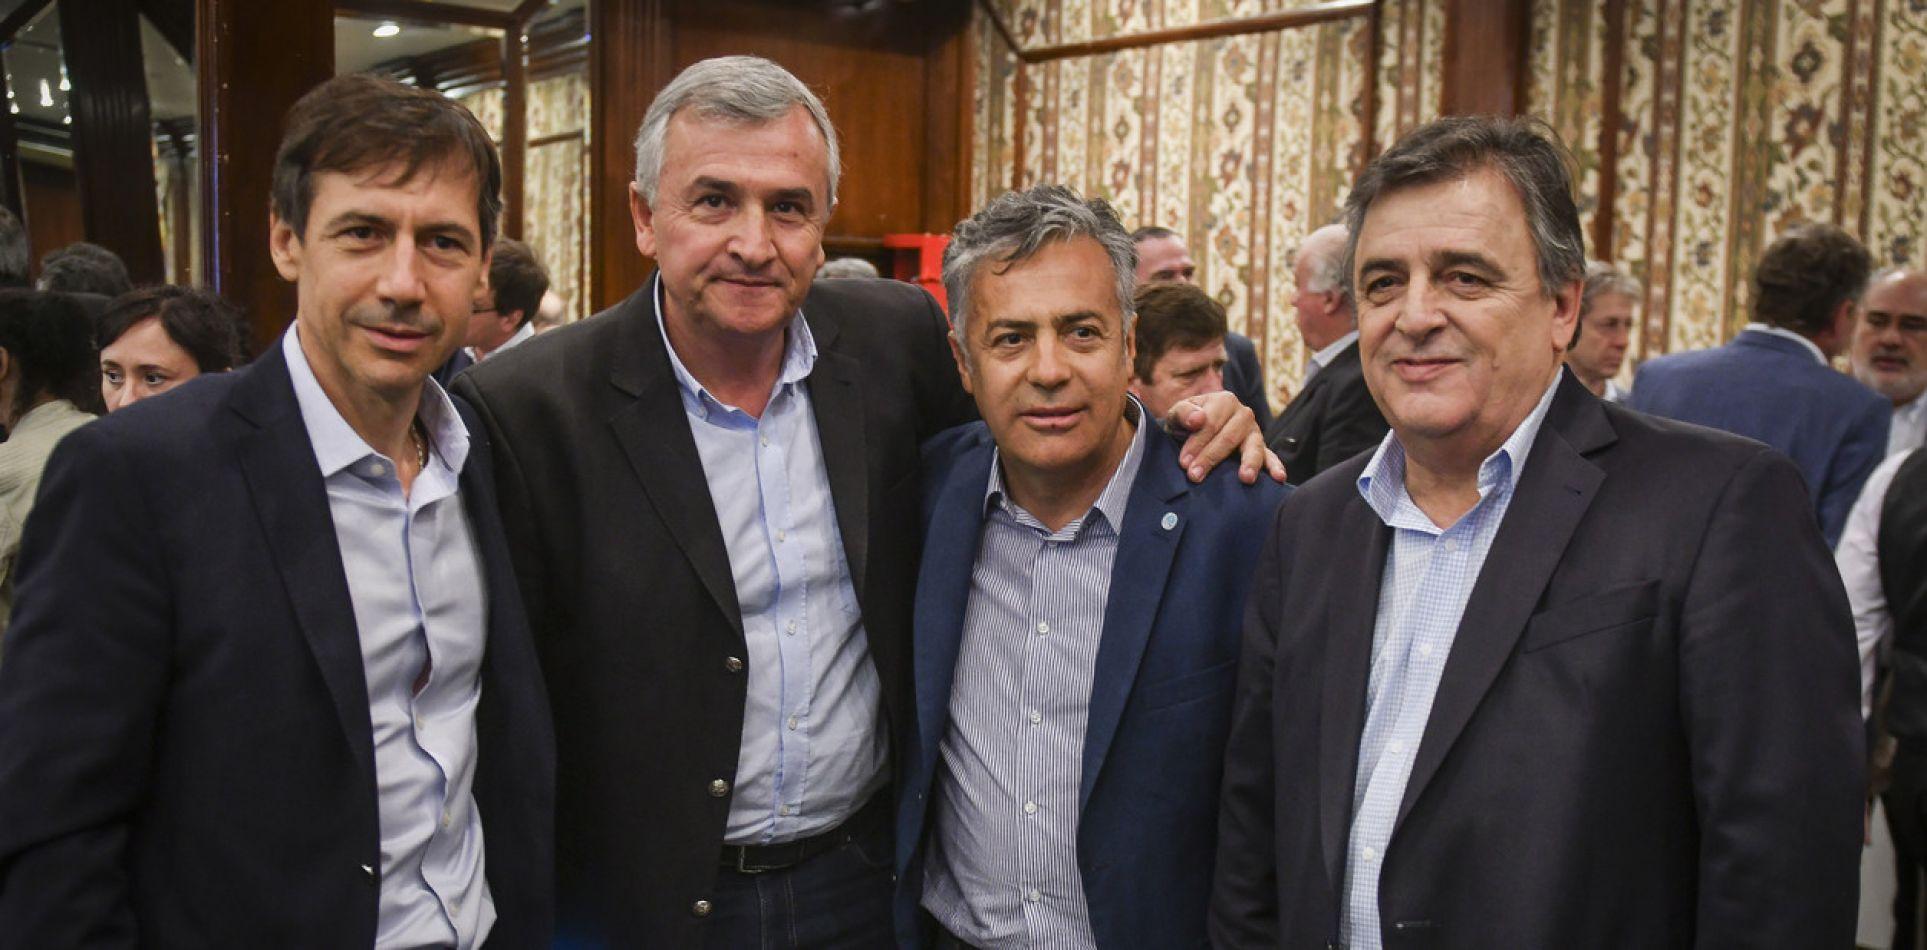 Imagen de archivo: Naidenoff, Morales, Cornejo y Negri